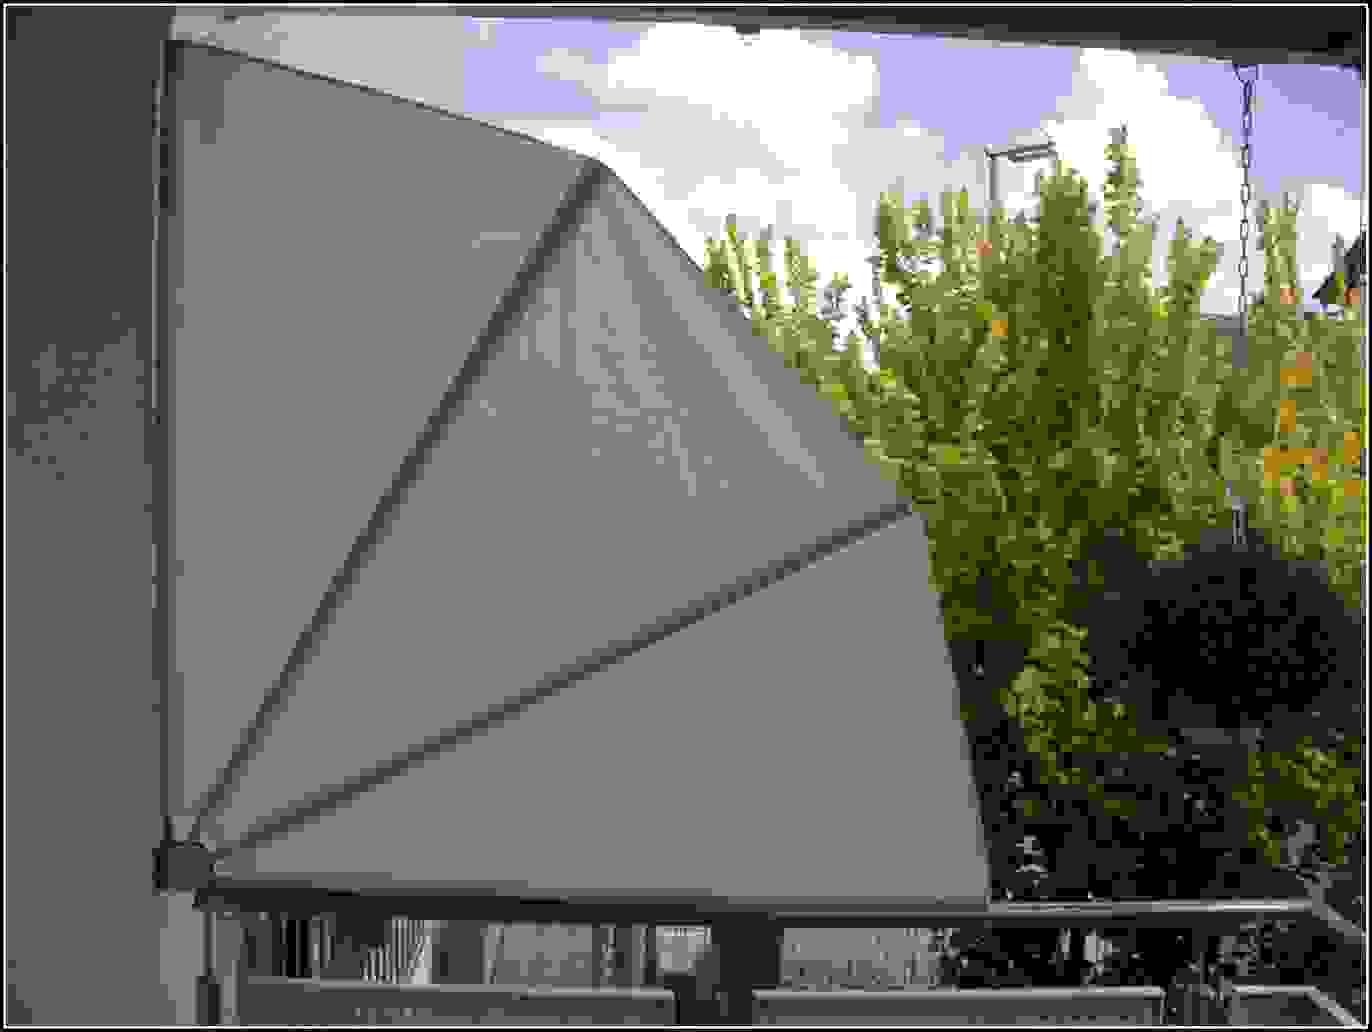 Frisch Von Sichtschutz Fächer Für Balkon Ohne Bohren Ideen  Moderne von Sichtschutz Balkon Ohne Bohren Bild